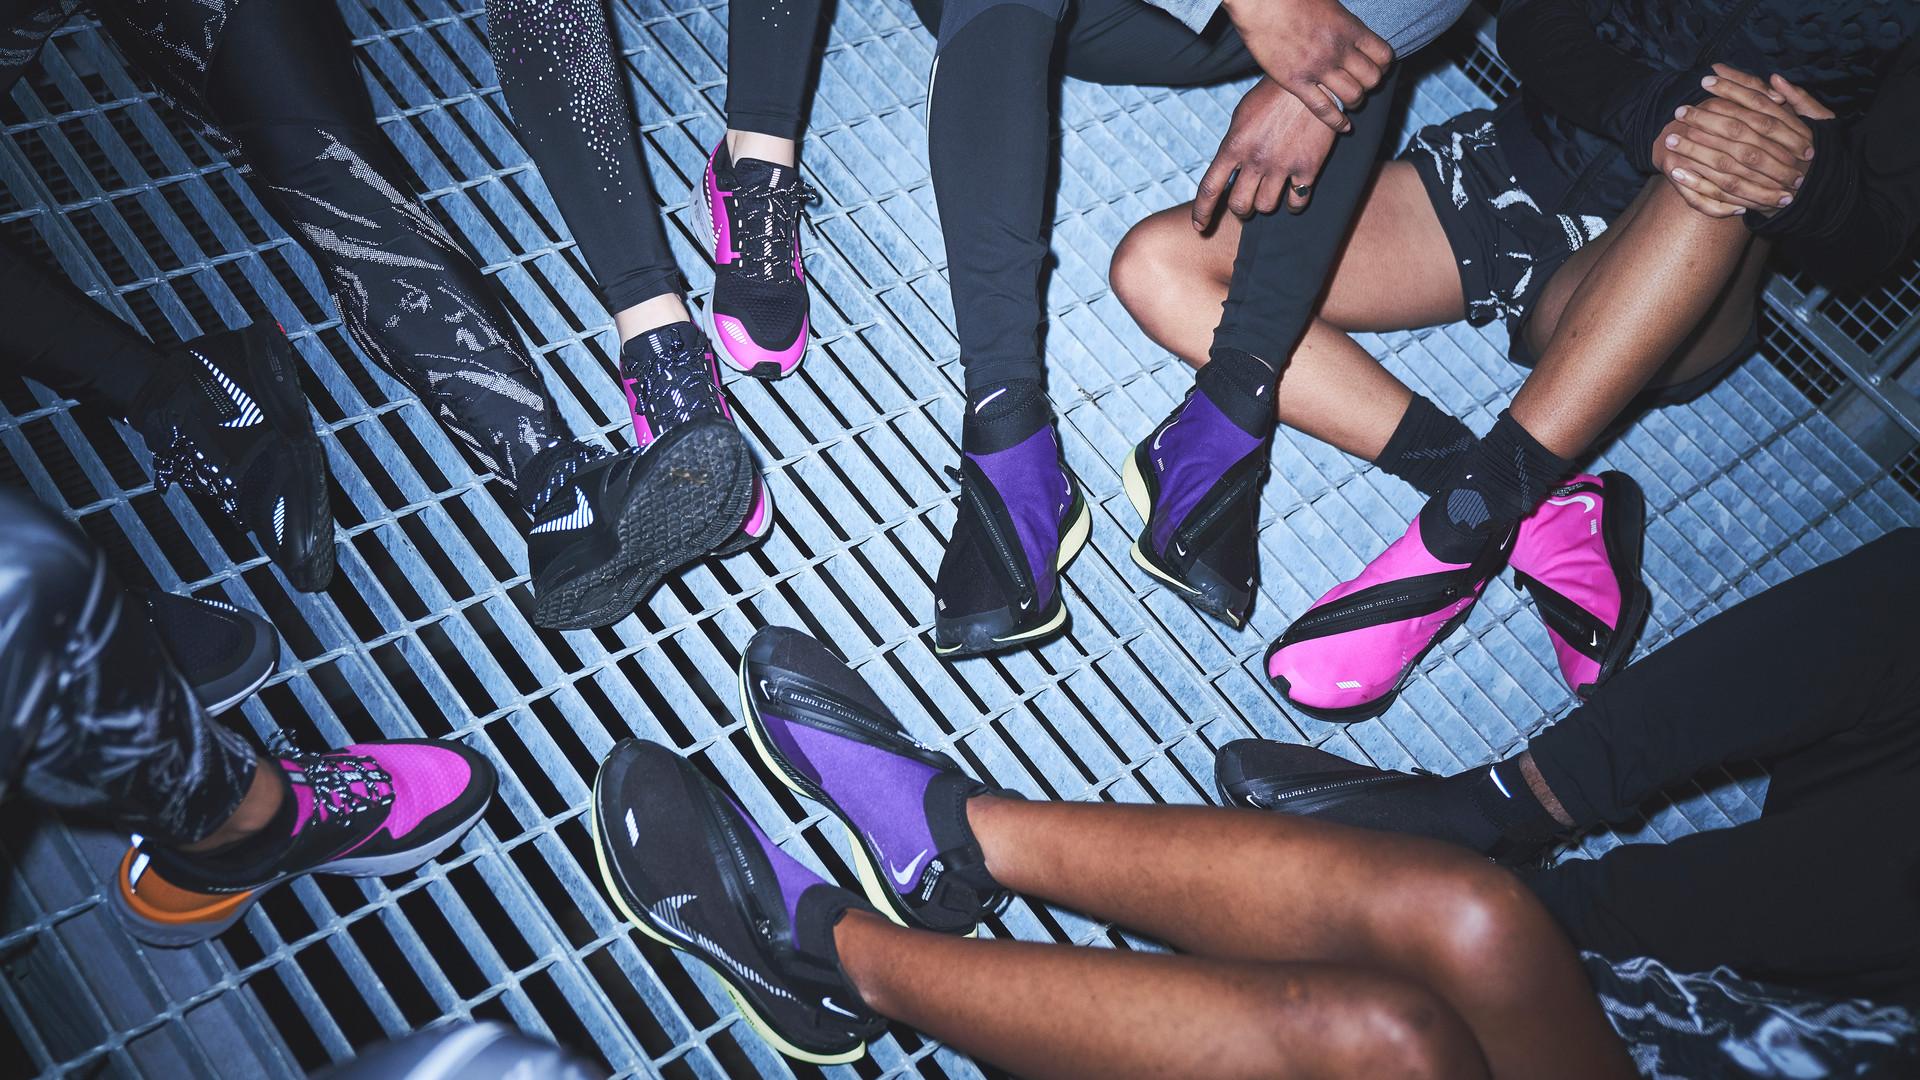 Tempo_Nike_1183 copy.jpg